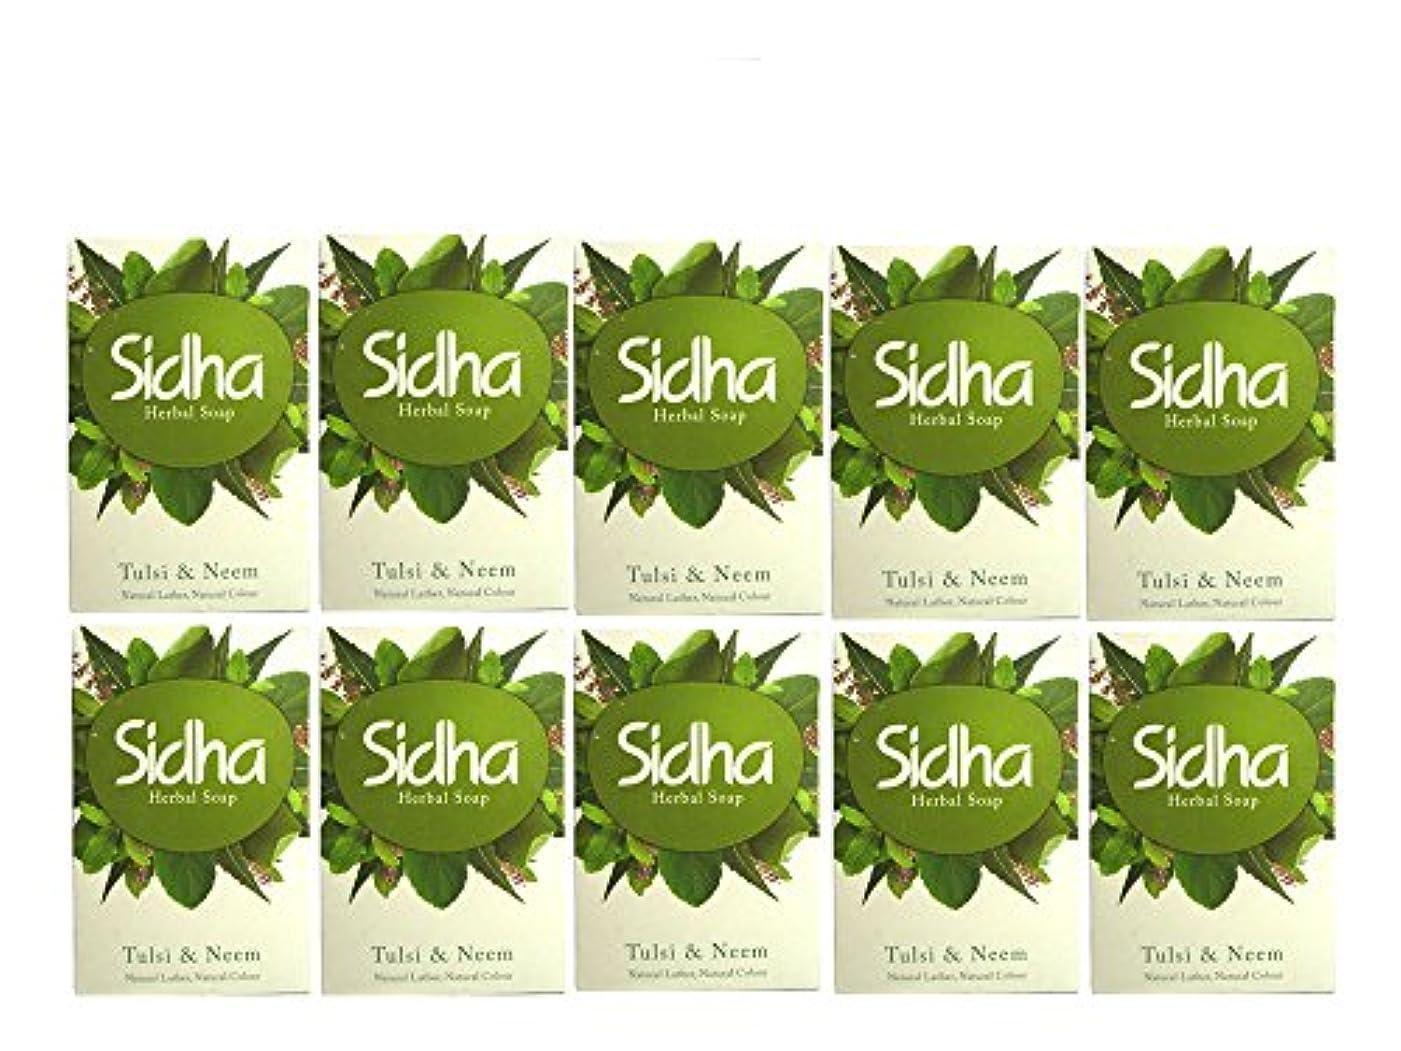 採用ベスビオ山出力SIHDH Herbal Soap Tulsi & Neem シダー ハ-バル ソープ 75g 10個セット